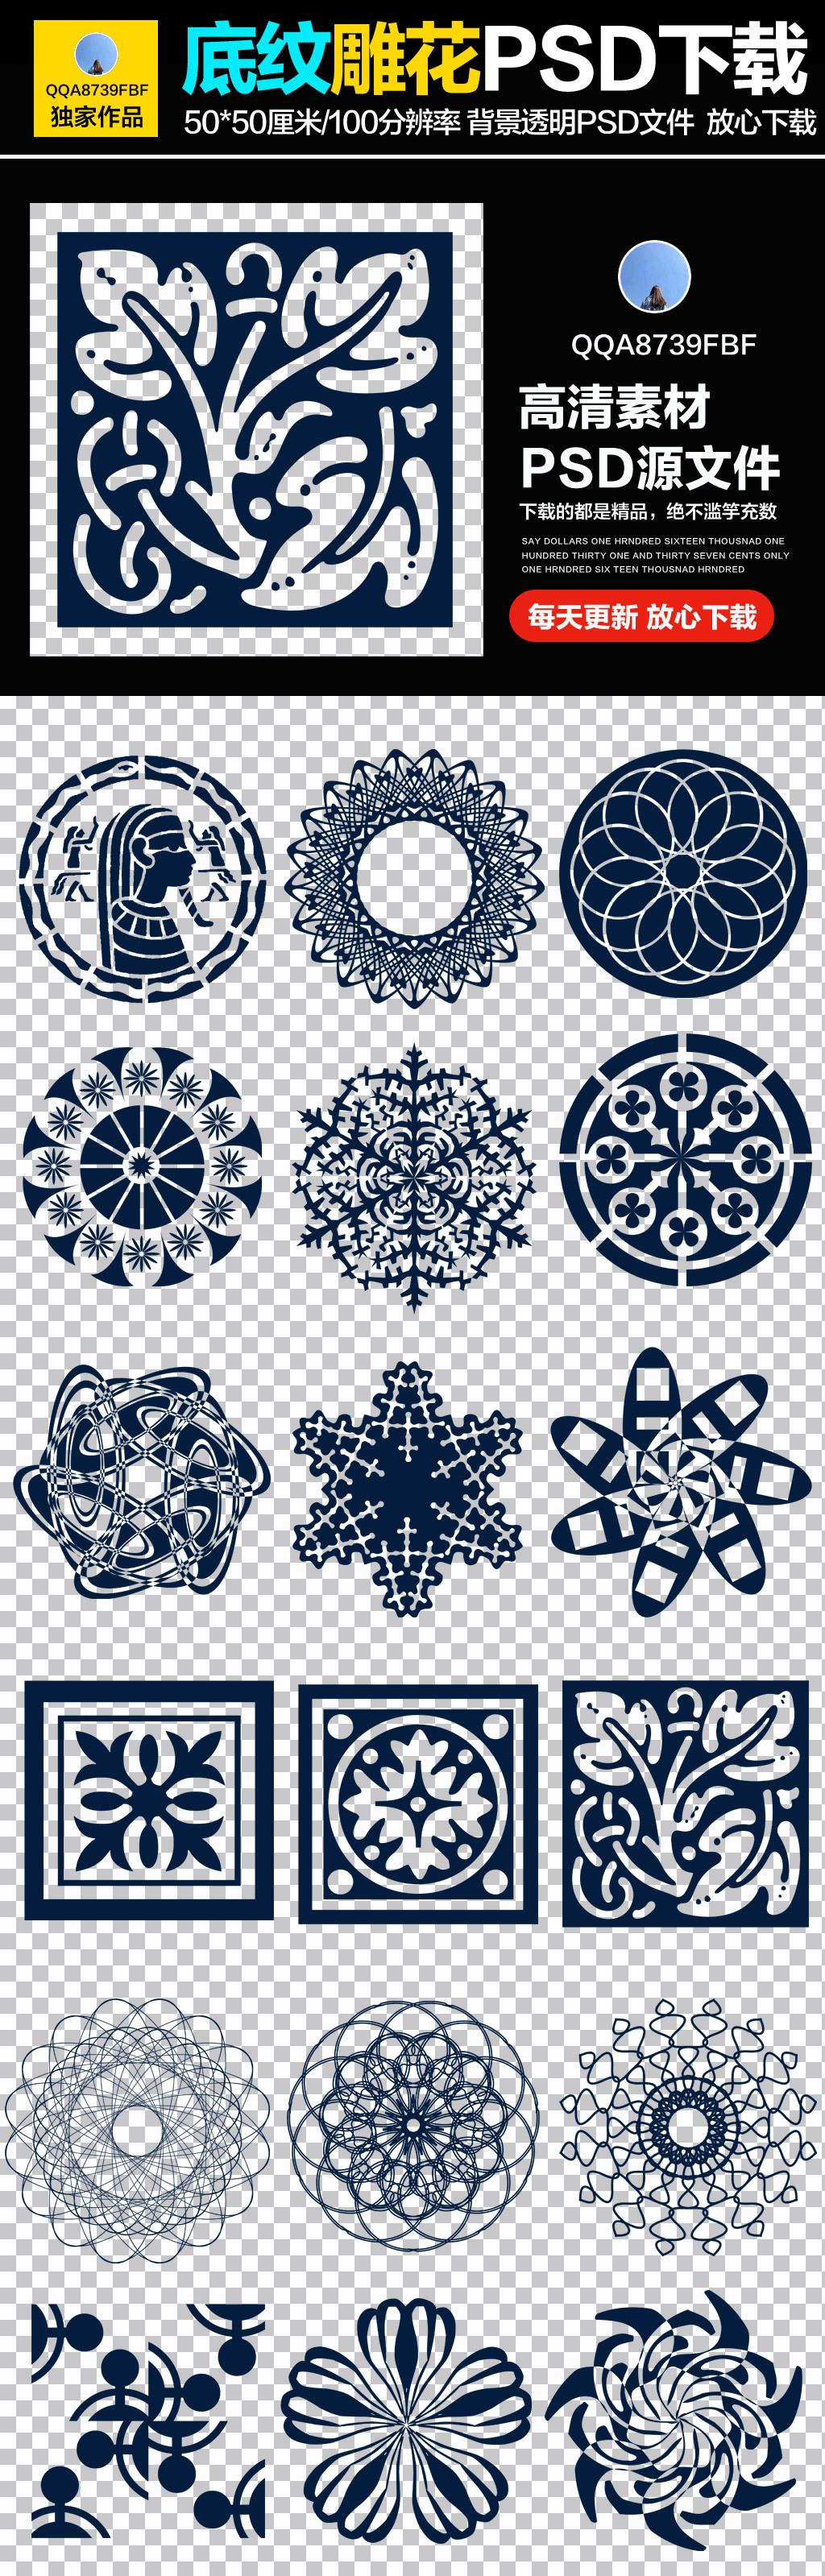 雕花青花瓷png素材中国风古典花纹素材